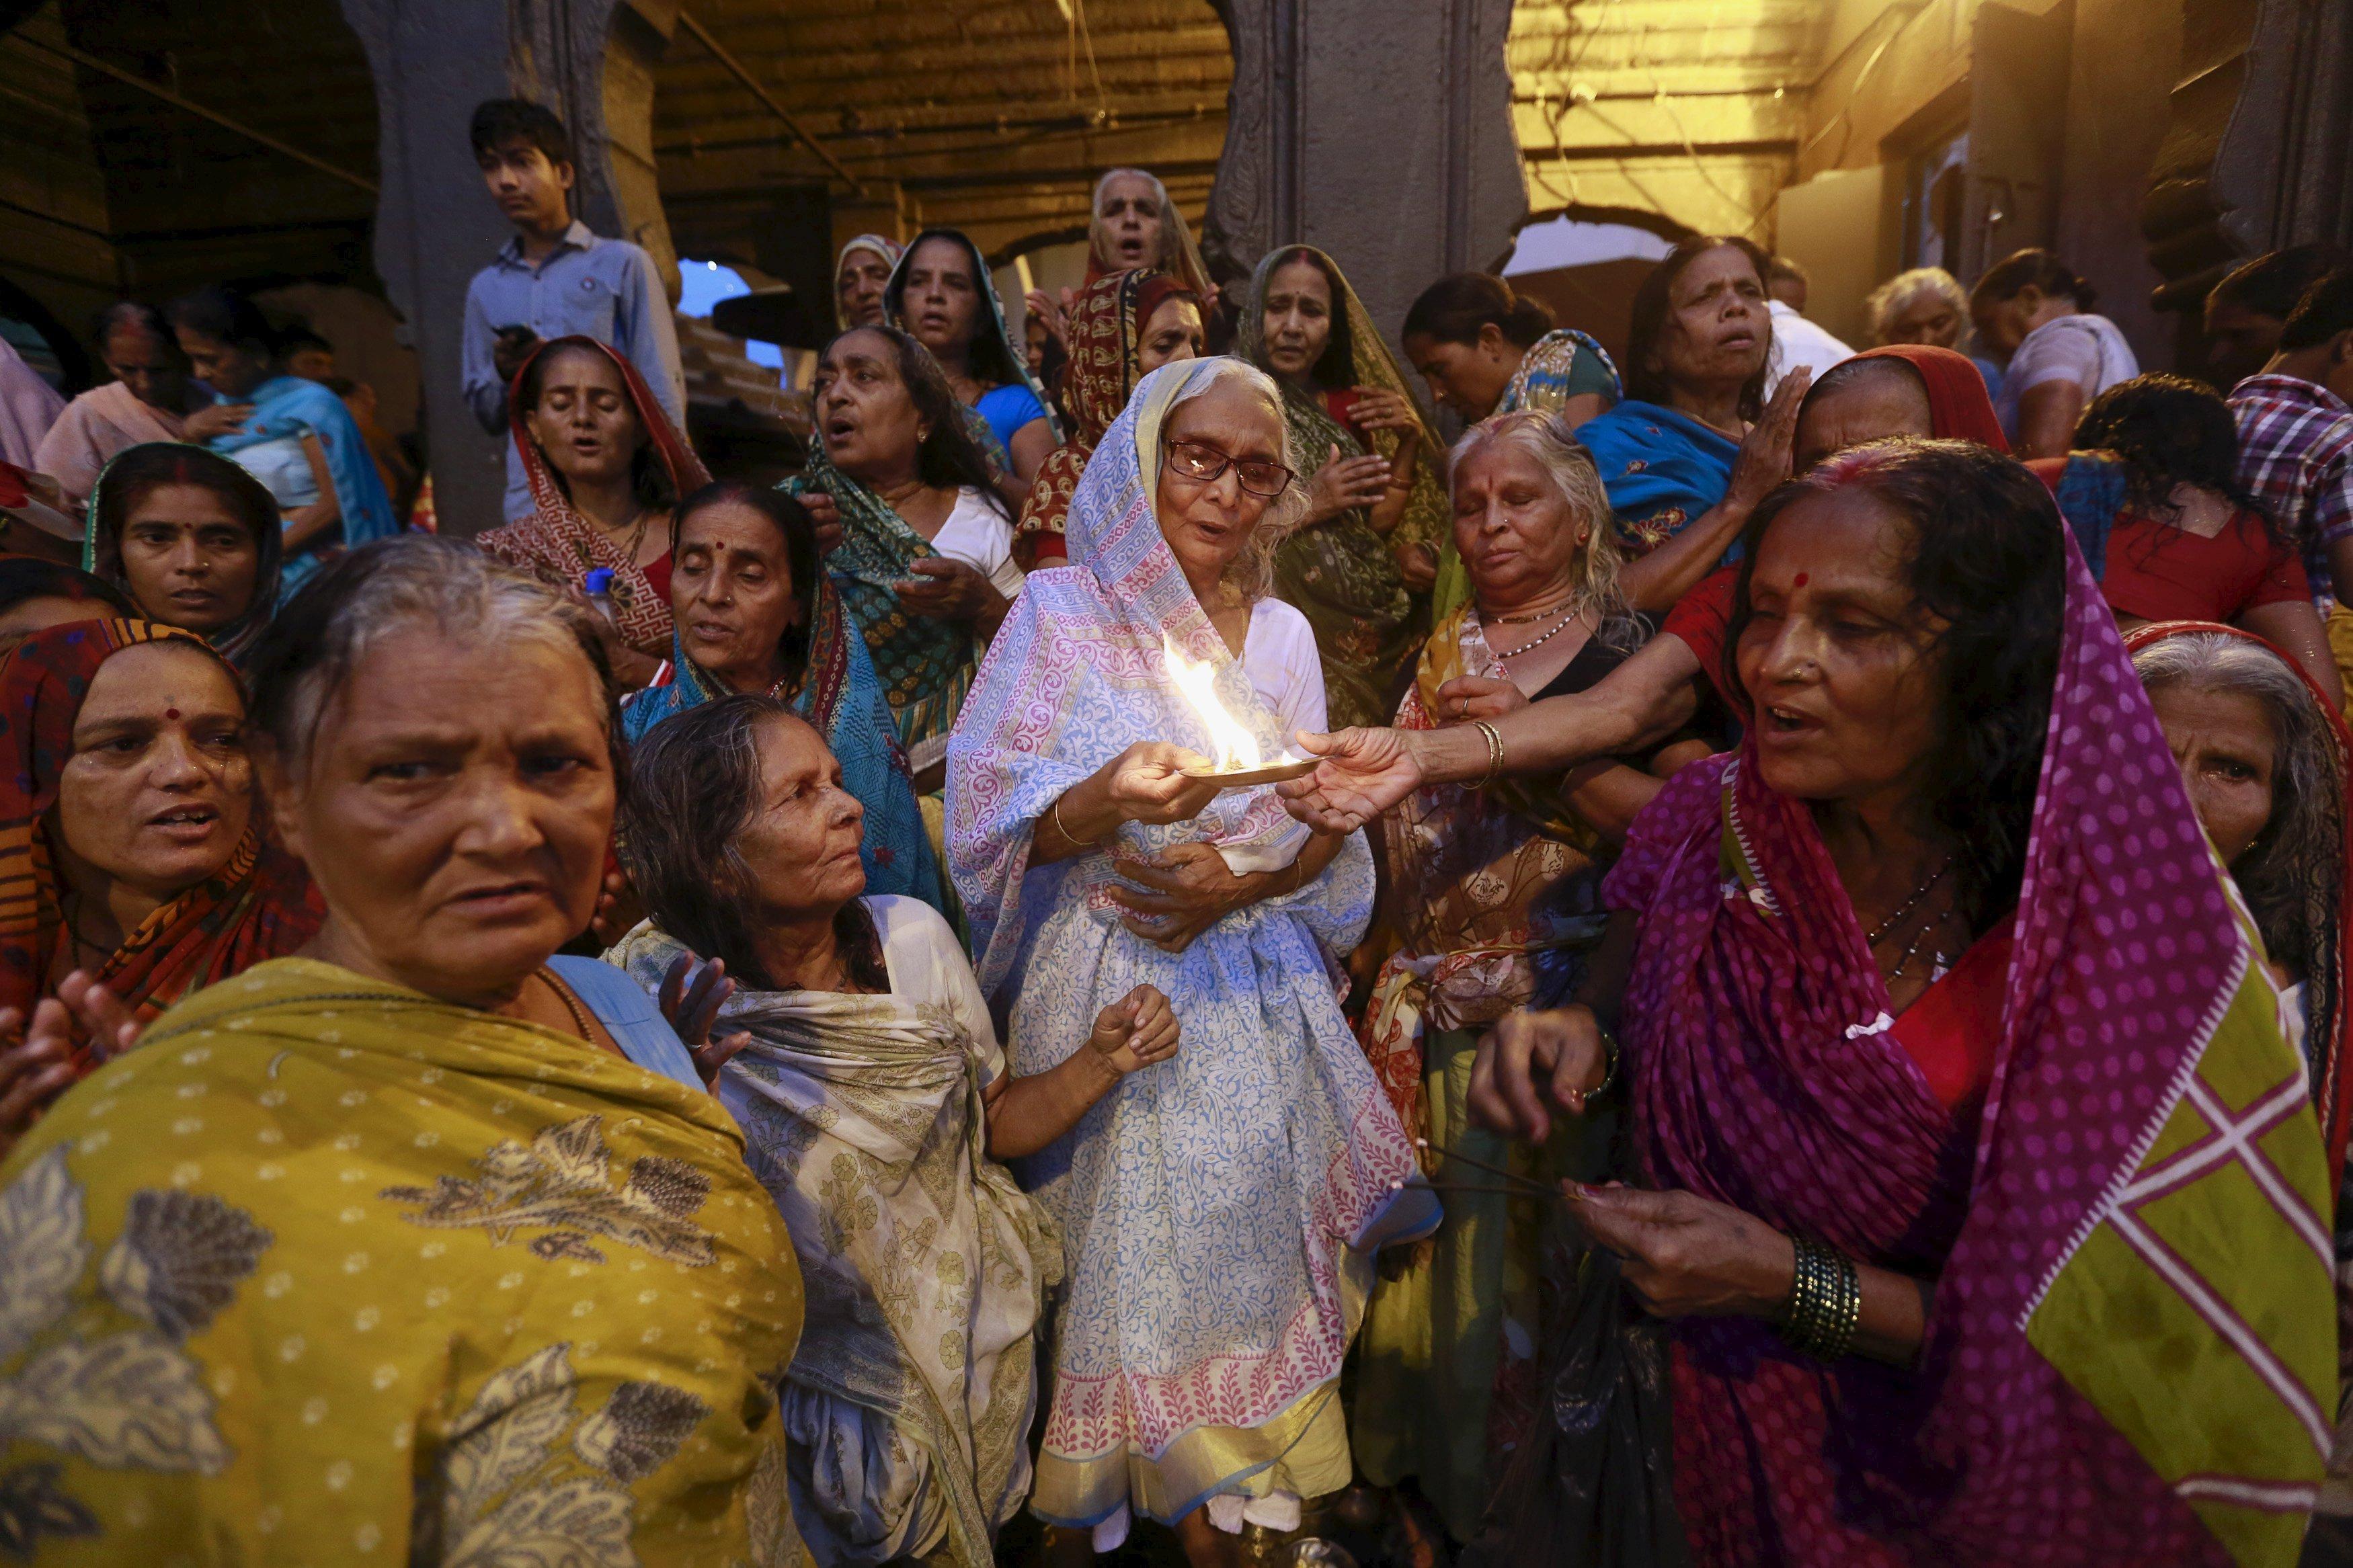 Hindu devotees pray on the banks of Godavari river during Kumbh Mela Festival in Nashik, India, on Aug. 28, 2015.